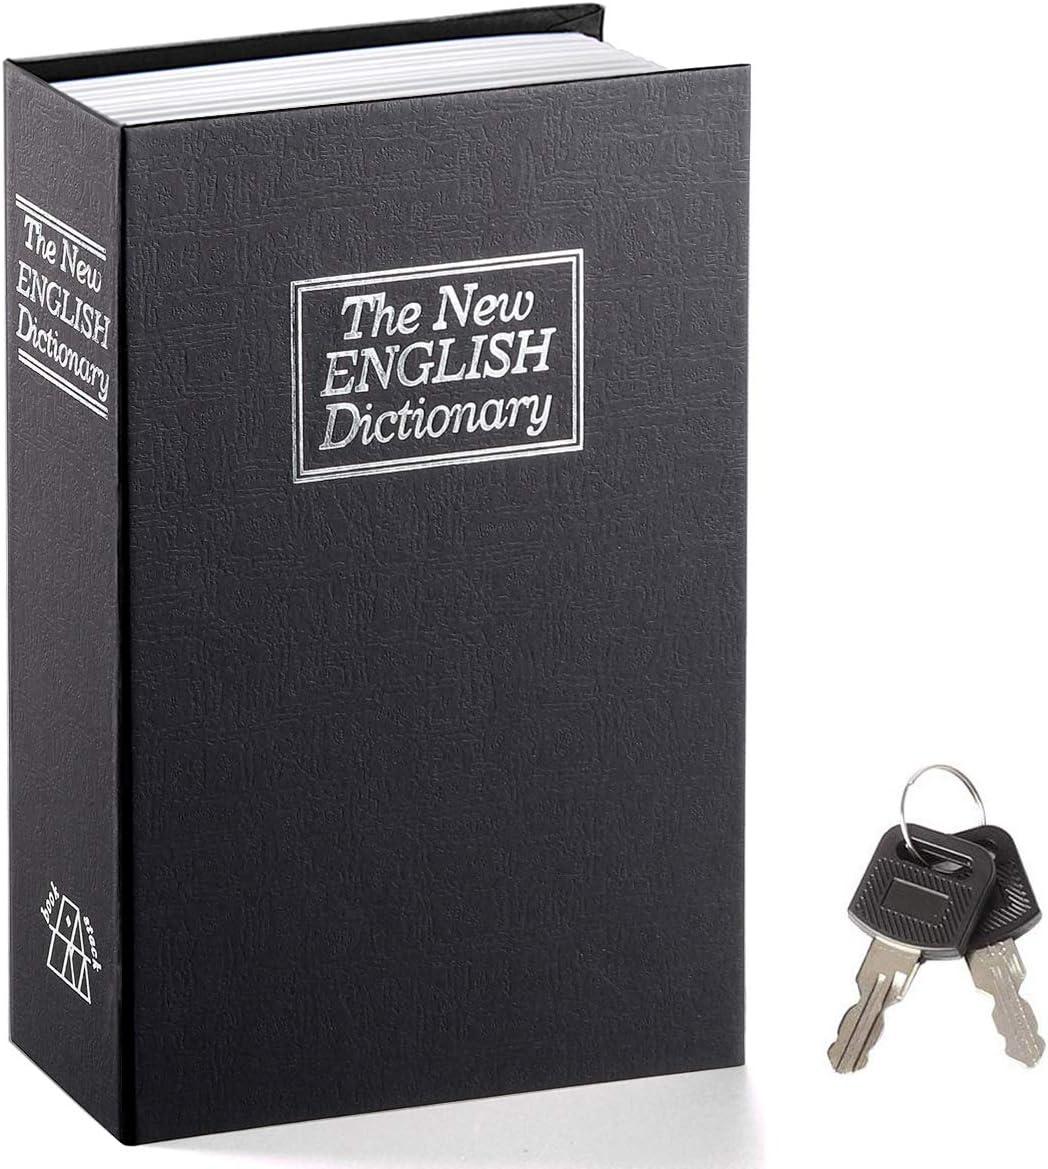 Book Safe with Key Lock – Jssmst Home Dictionary Diversion Safe Lock Box Safe Metal Box, Black Large, SM-BS004BL